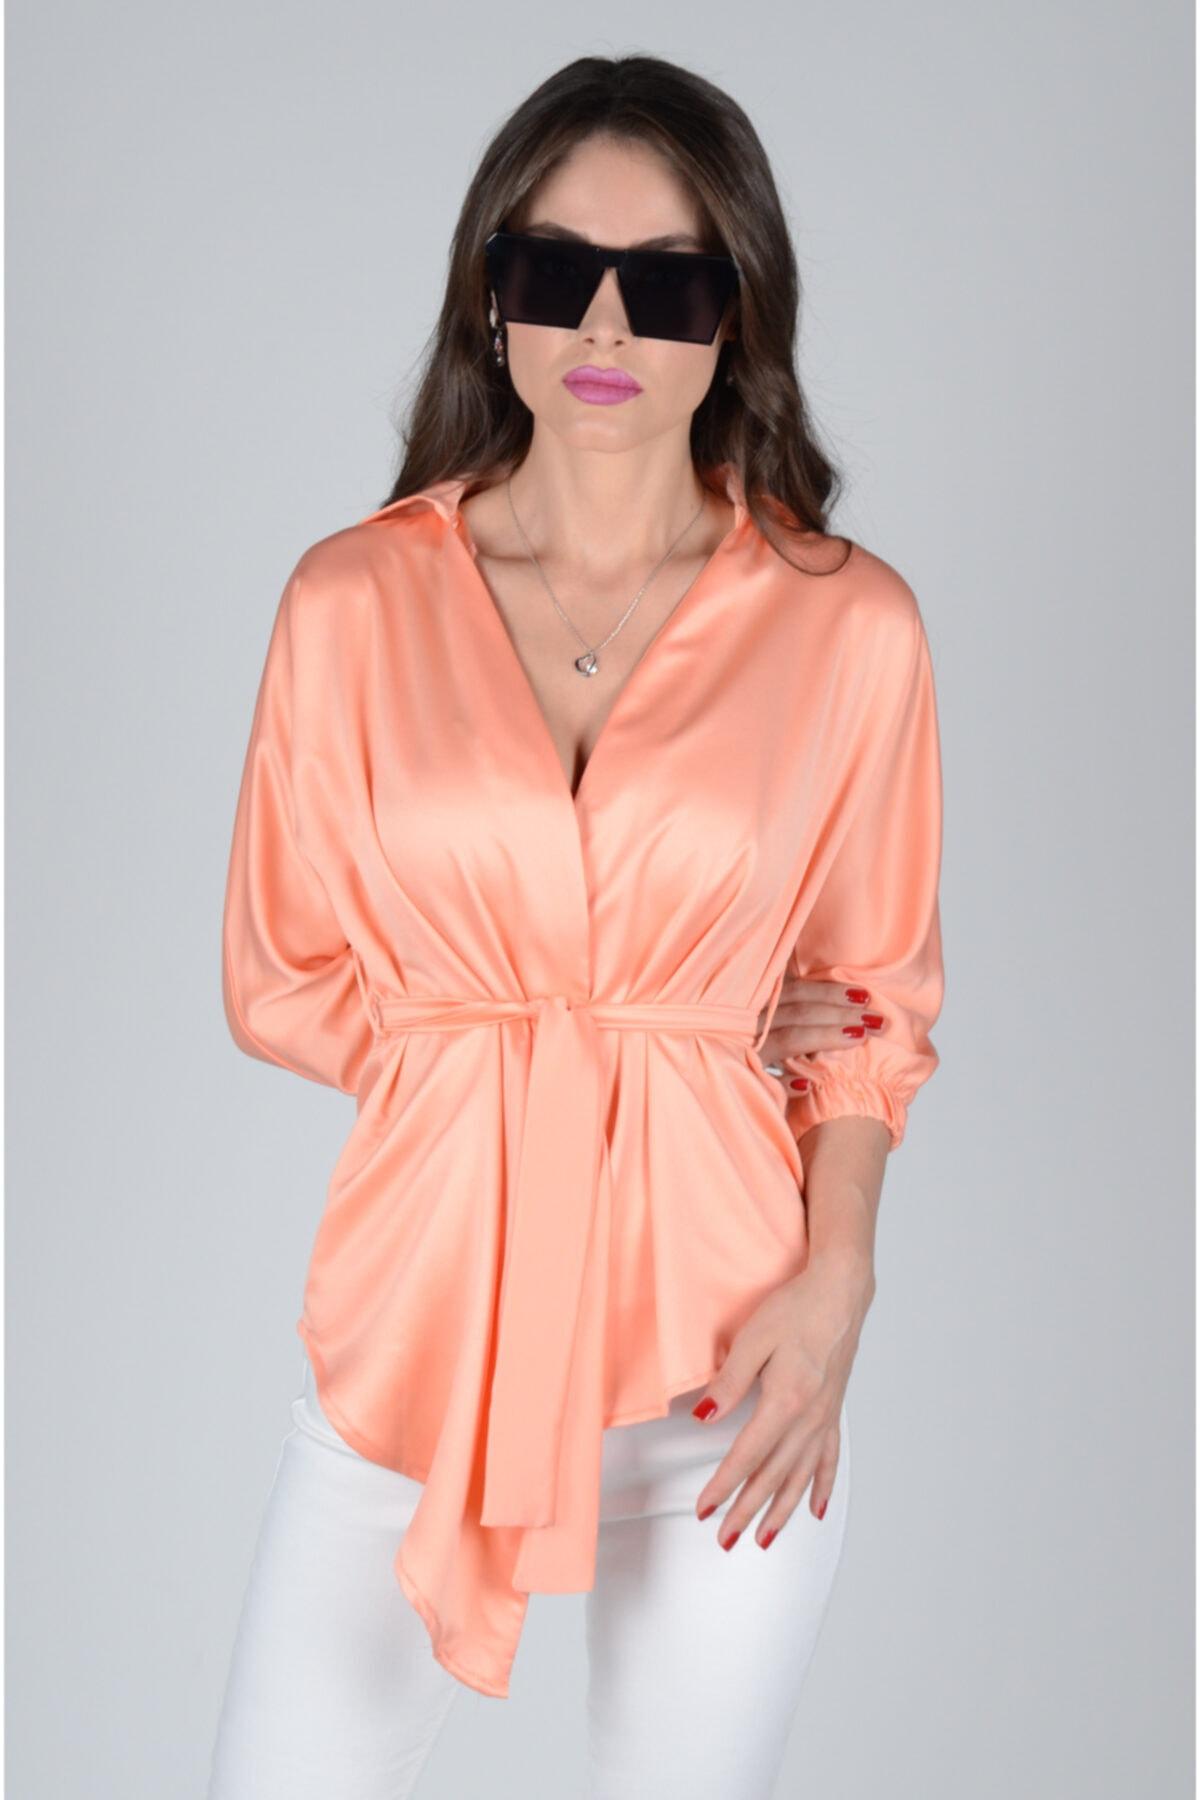 dm street style Kadın Turuncu Belden Bağlamalı Ipek Saten Bluz 1